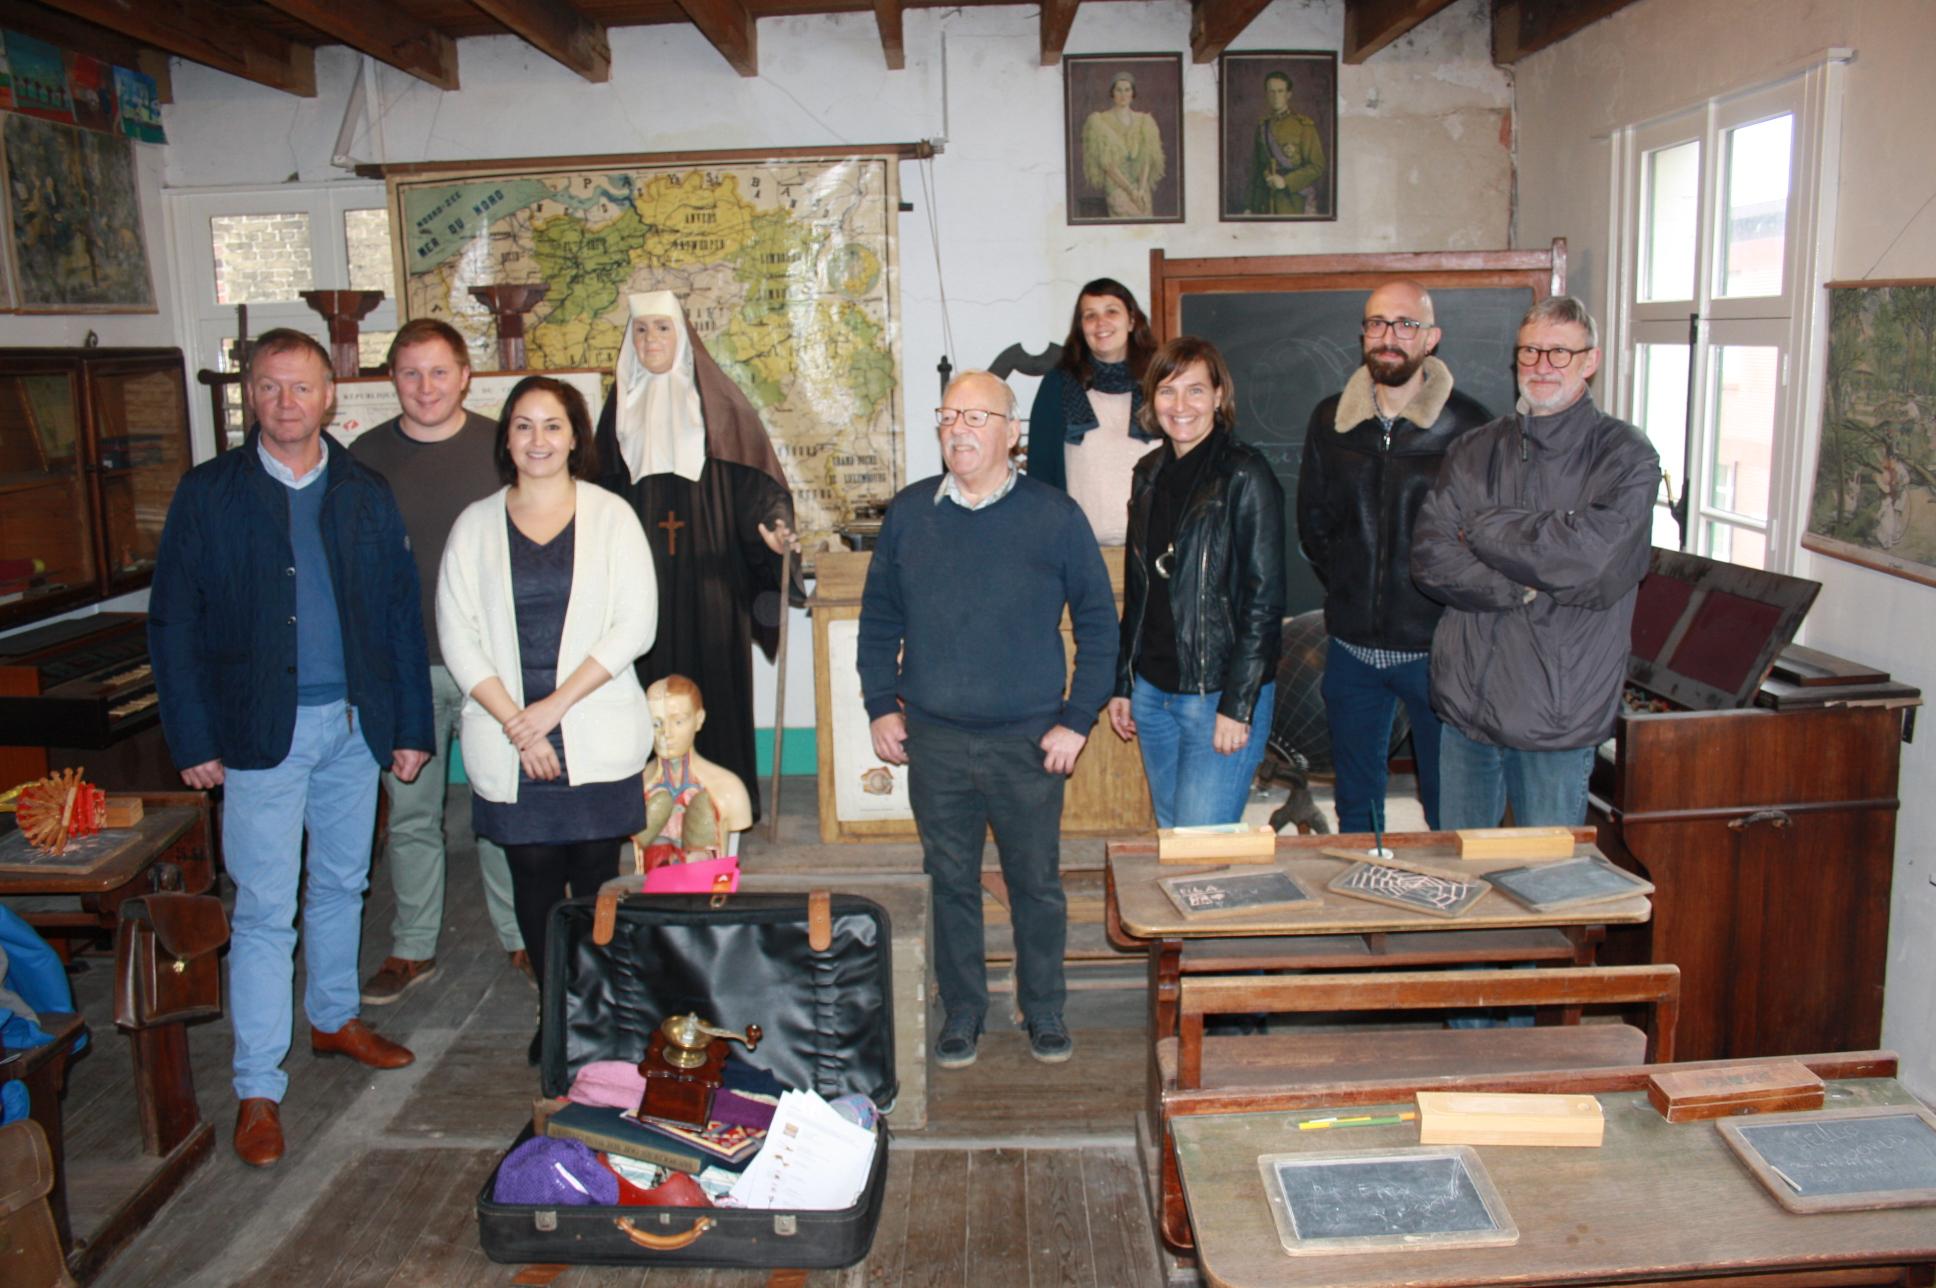 Schepen van Cultuur bezoekt Poldermuseum